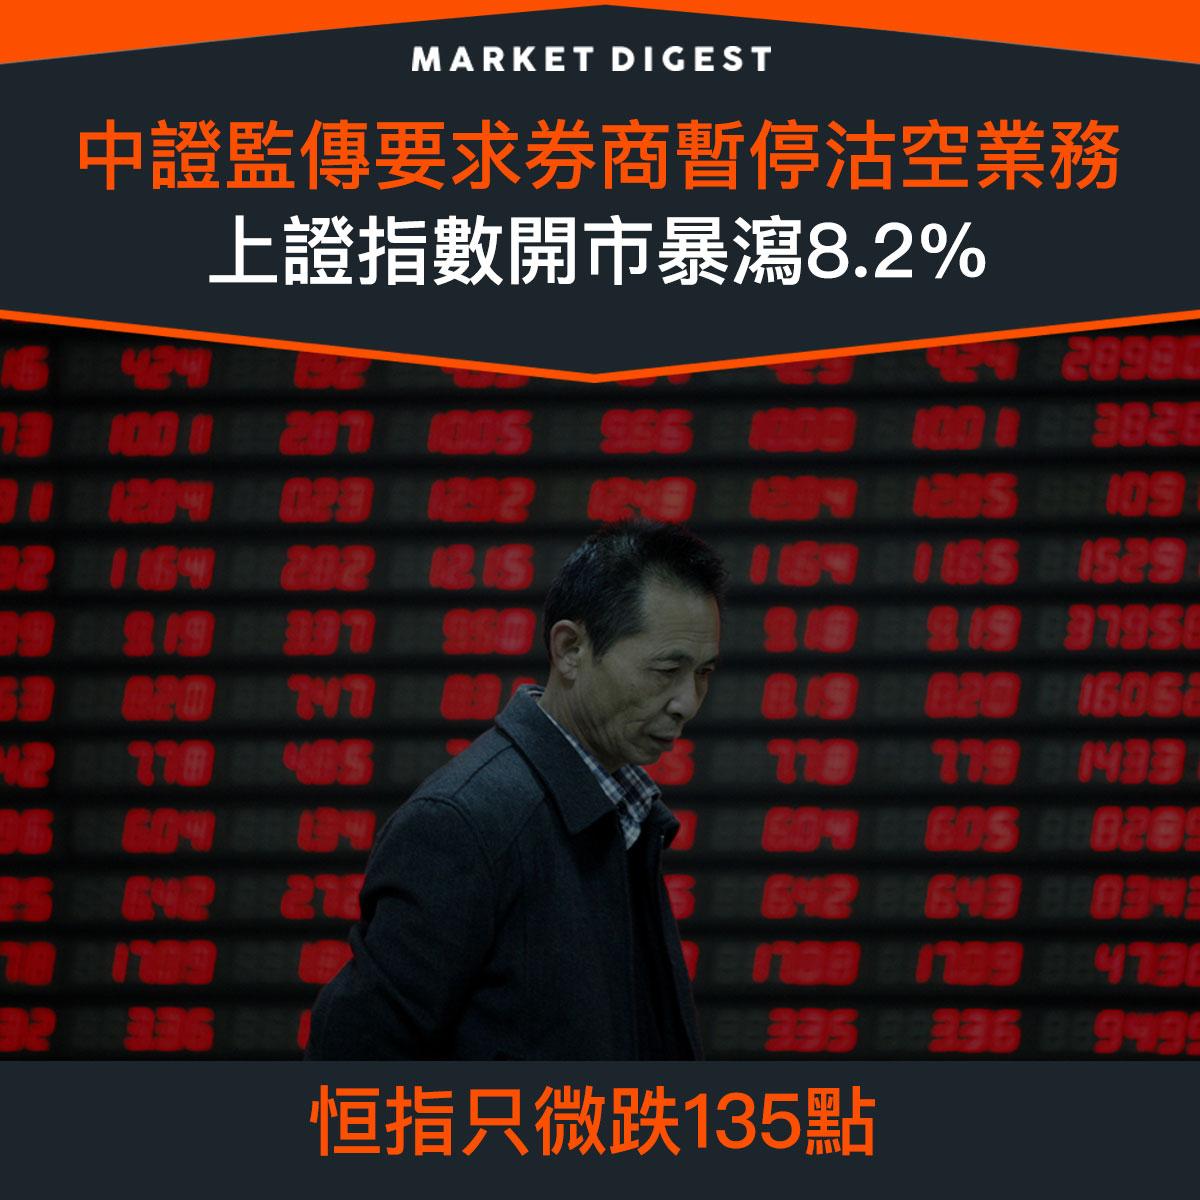 【市場熱話】中證監傳要求券商暫停沽空業務,上證指數開市暴瀉8.2%